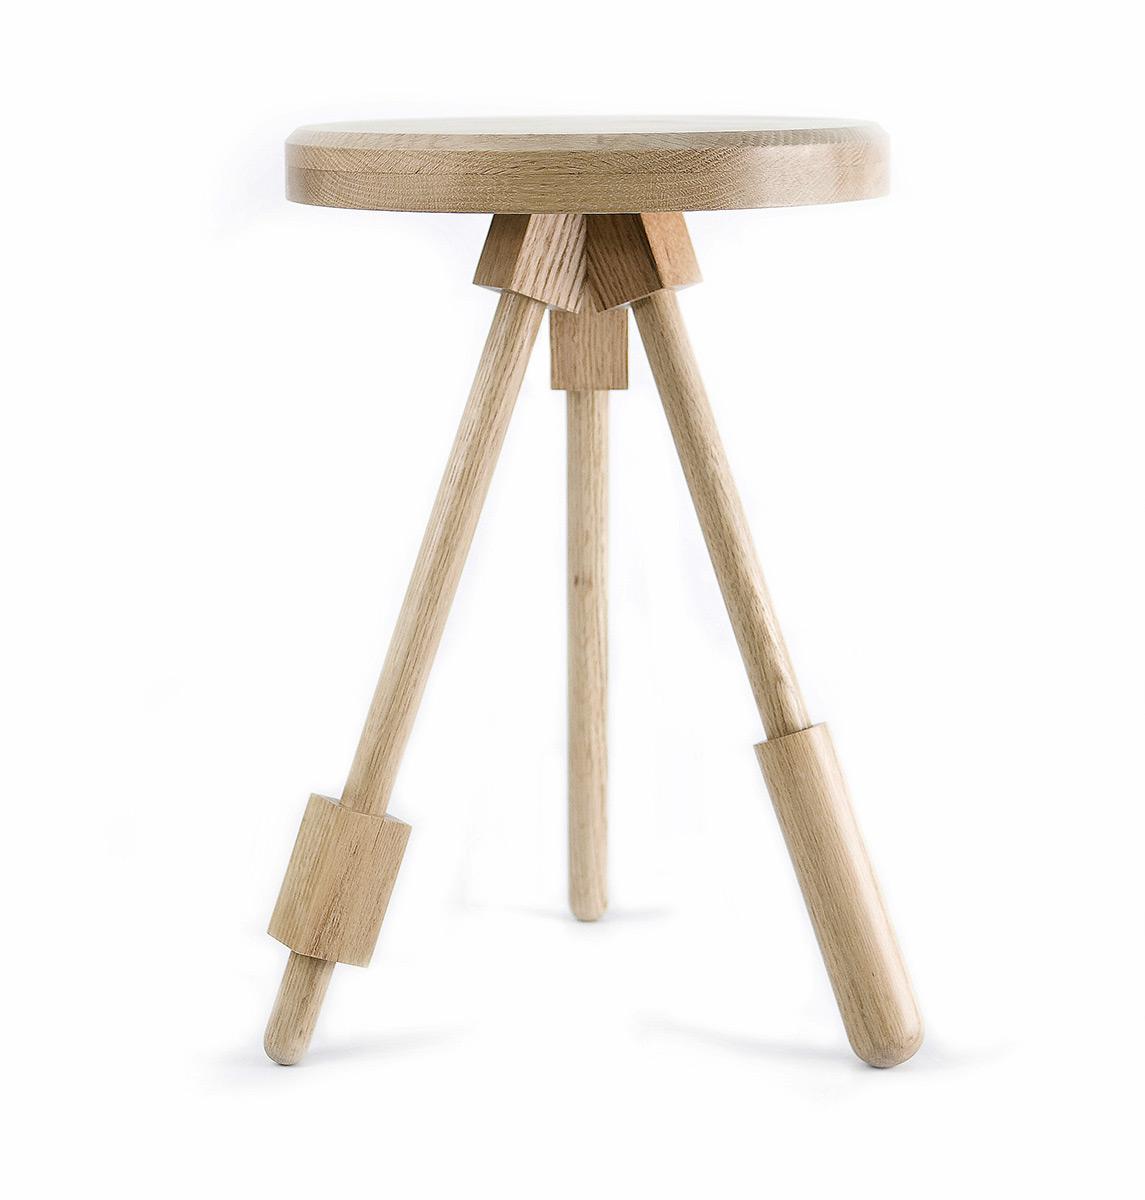 milk-stools-byamt-alissia-melka-teichroew-photo-lisa-klappe-9